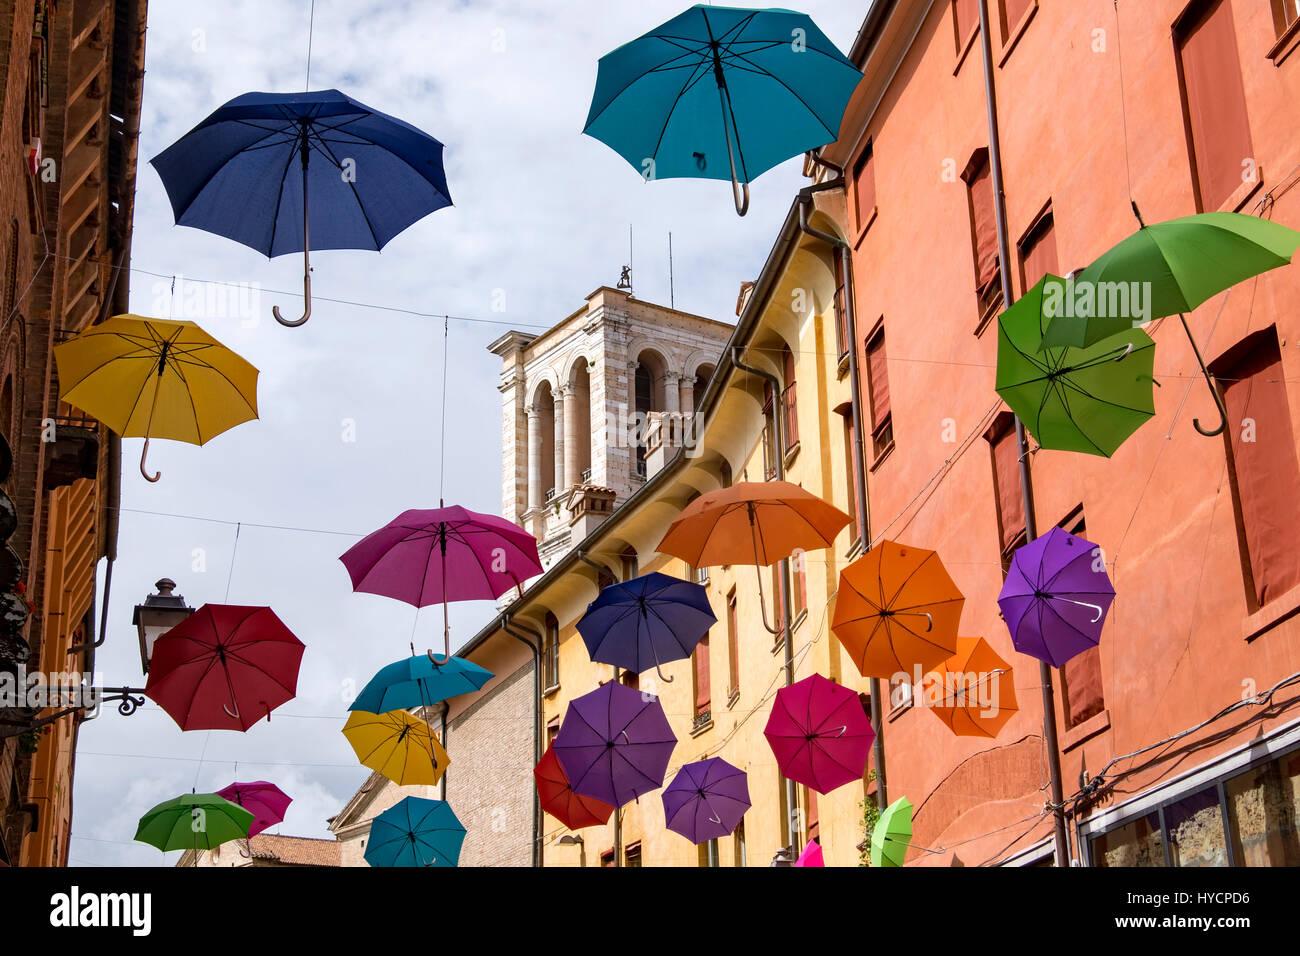 Feier der Namenstag von Ferrara, Saint George mit einer Darstellung der offenen Sonnenschirme Futter einer großen Stockbild